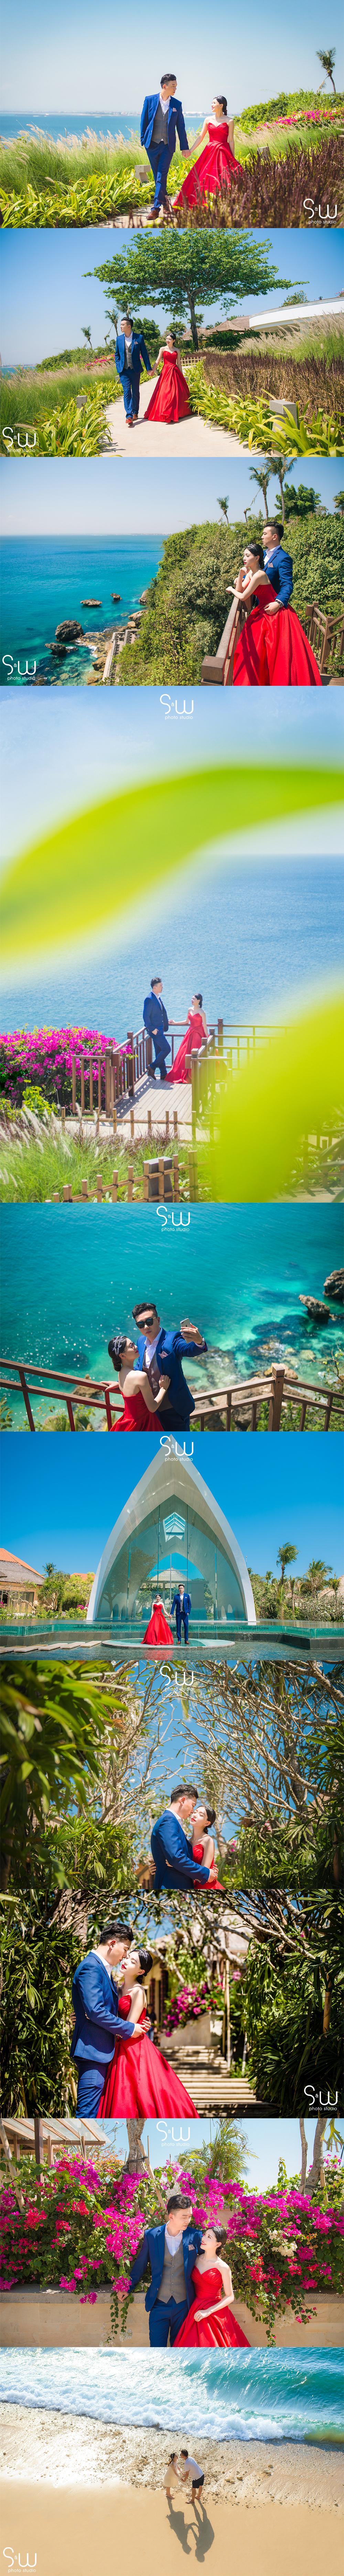 婚紗攝影,峇里島婚紗 Ayana,海外婚紗